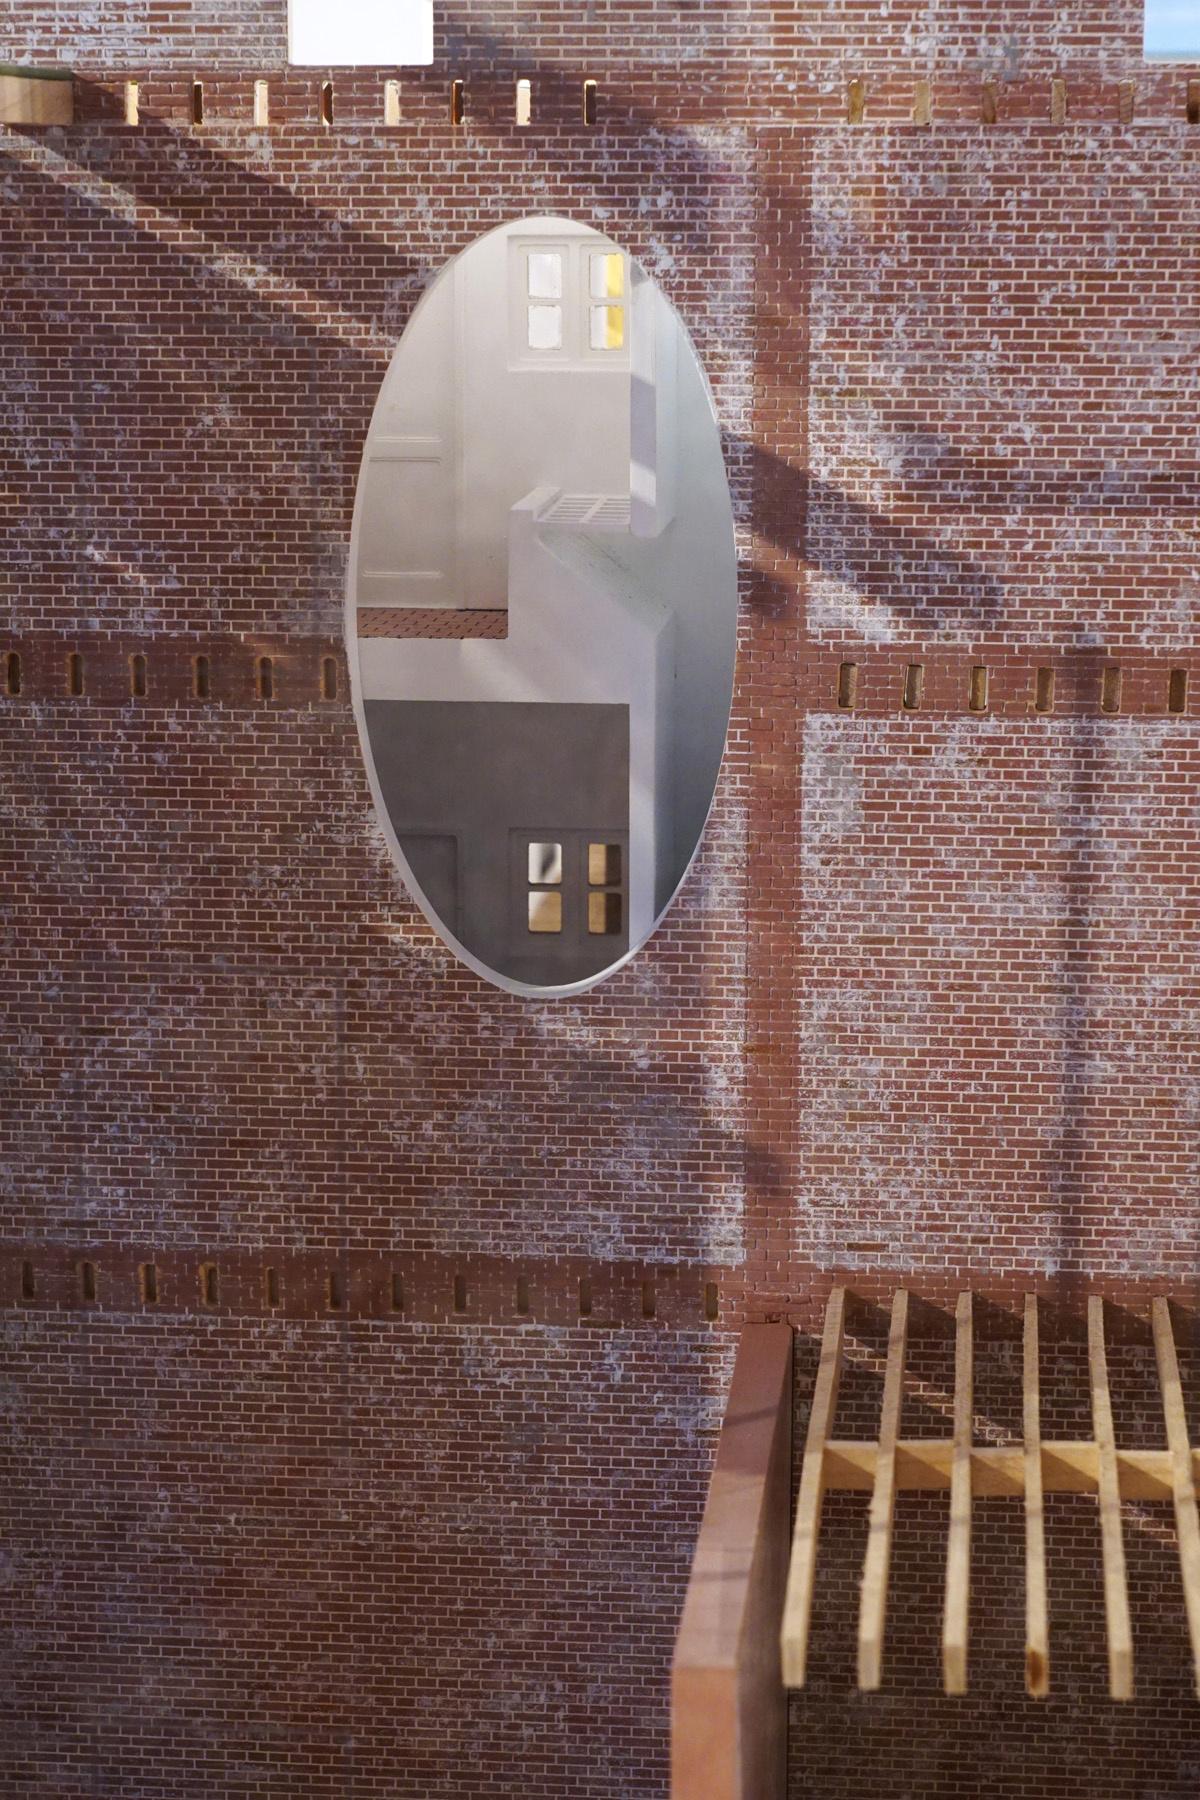 La photographie montre un écorché de la maquette sur les cabinets à balayures.